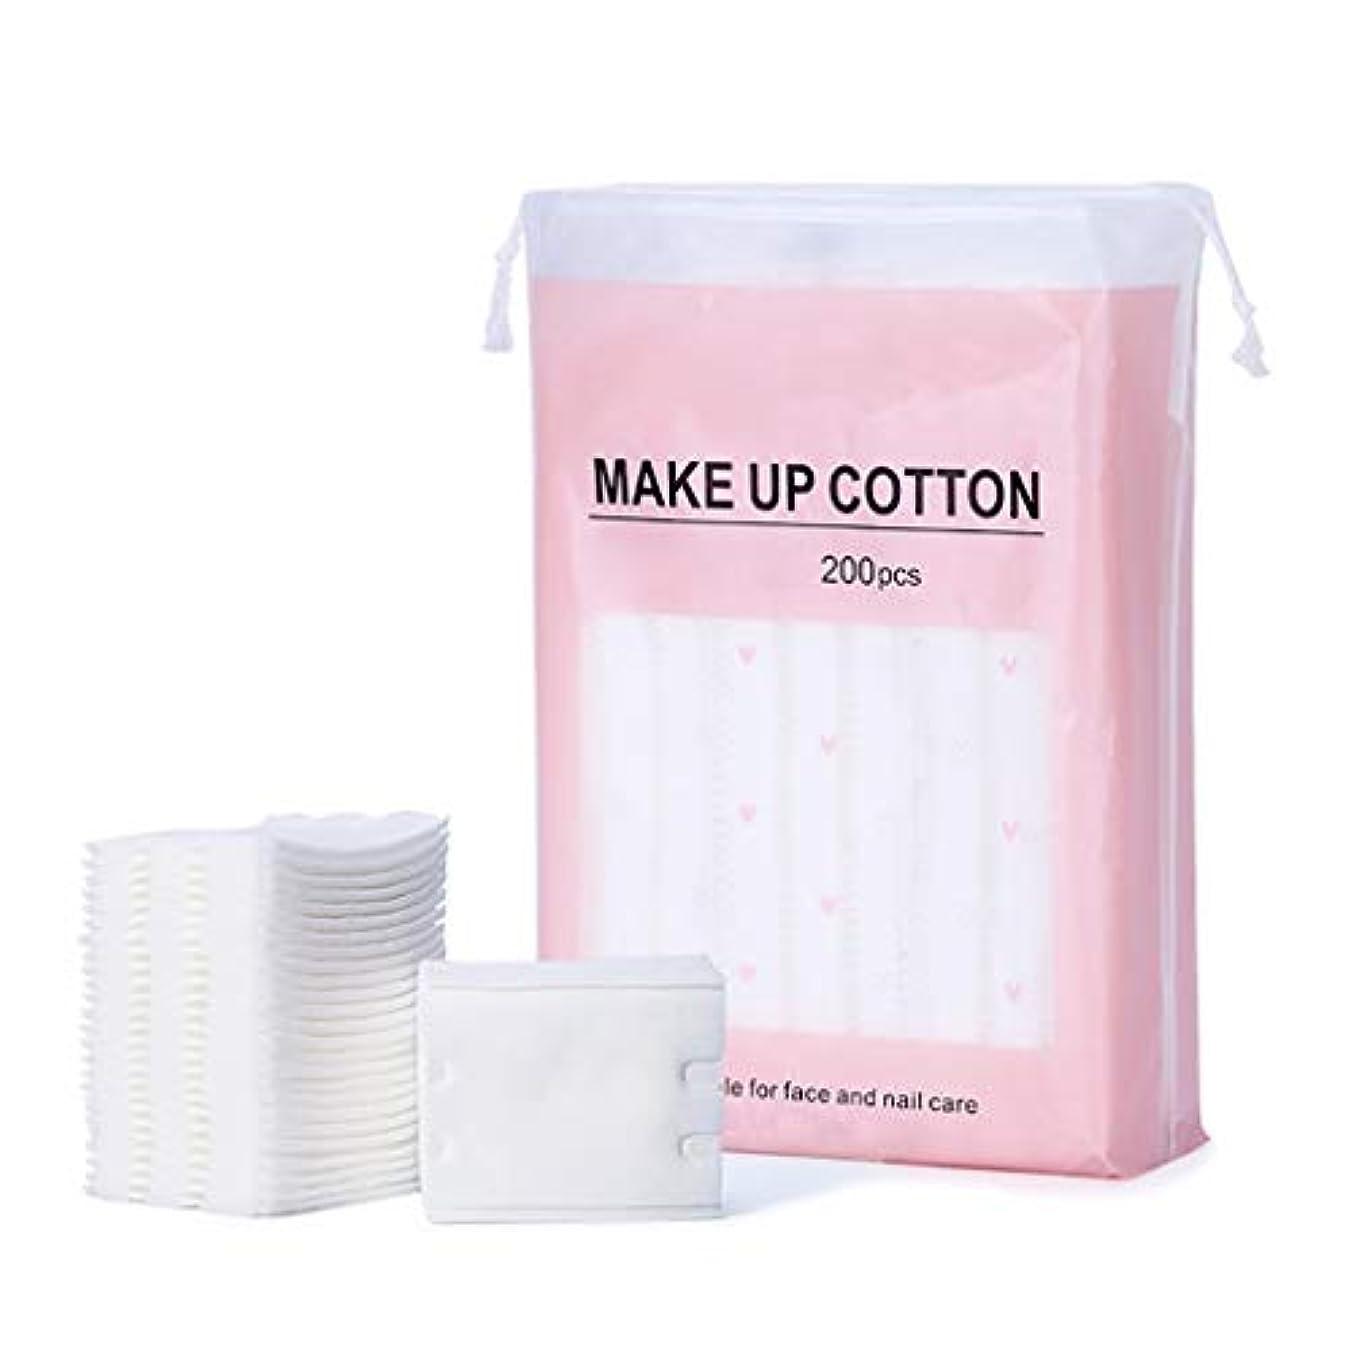 パウダーサリー運命クレンジングシート 200ピース三層化粧品コットンパッド拭きナチュラル毎日用品フェイシャルコットンメイク落としツール (Color : White)